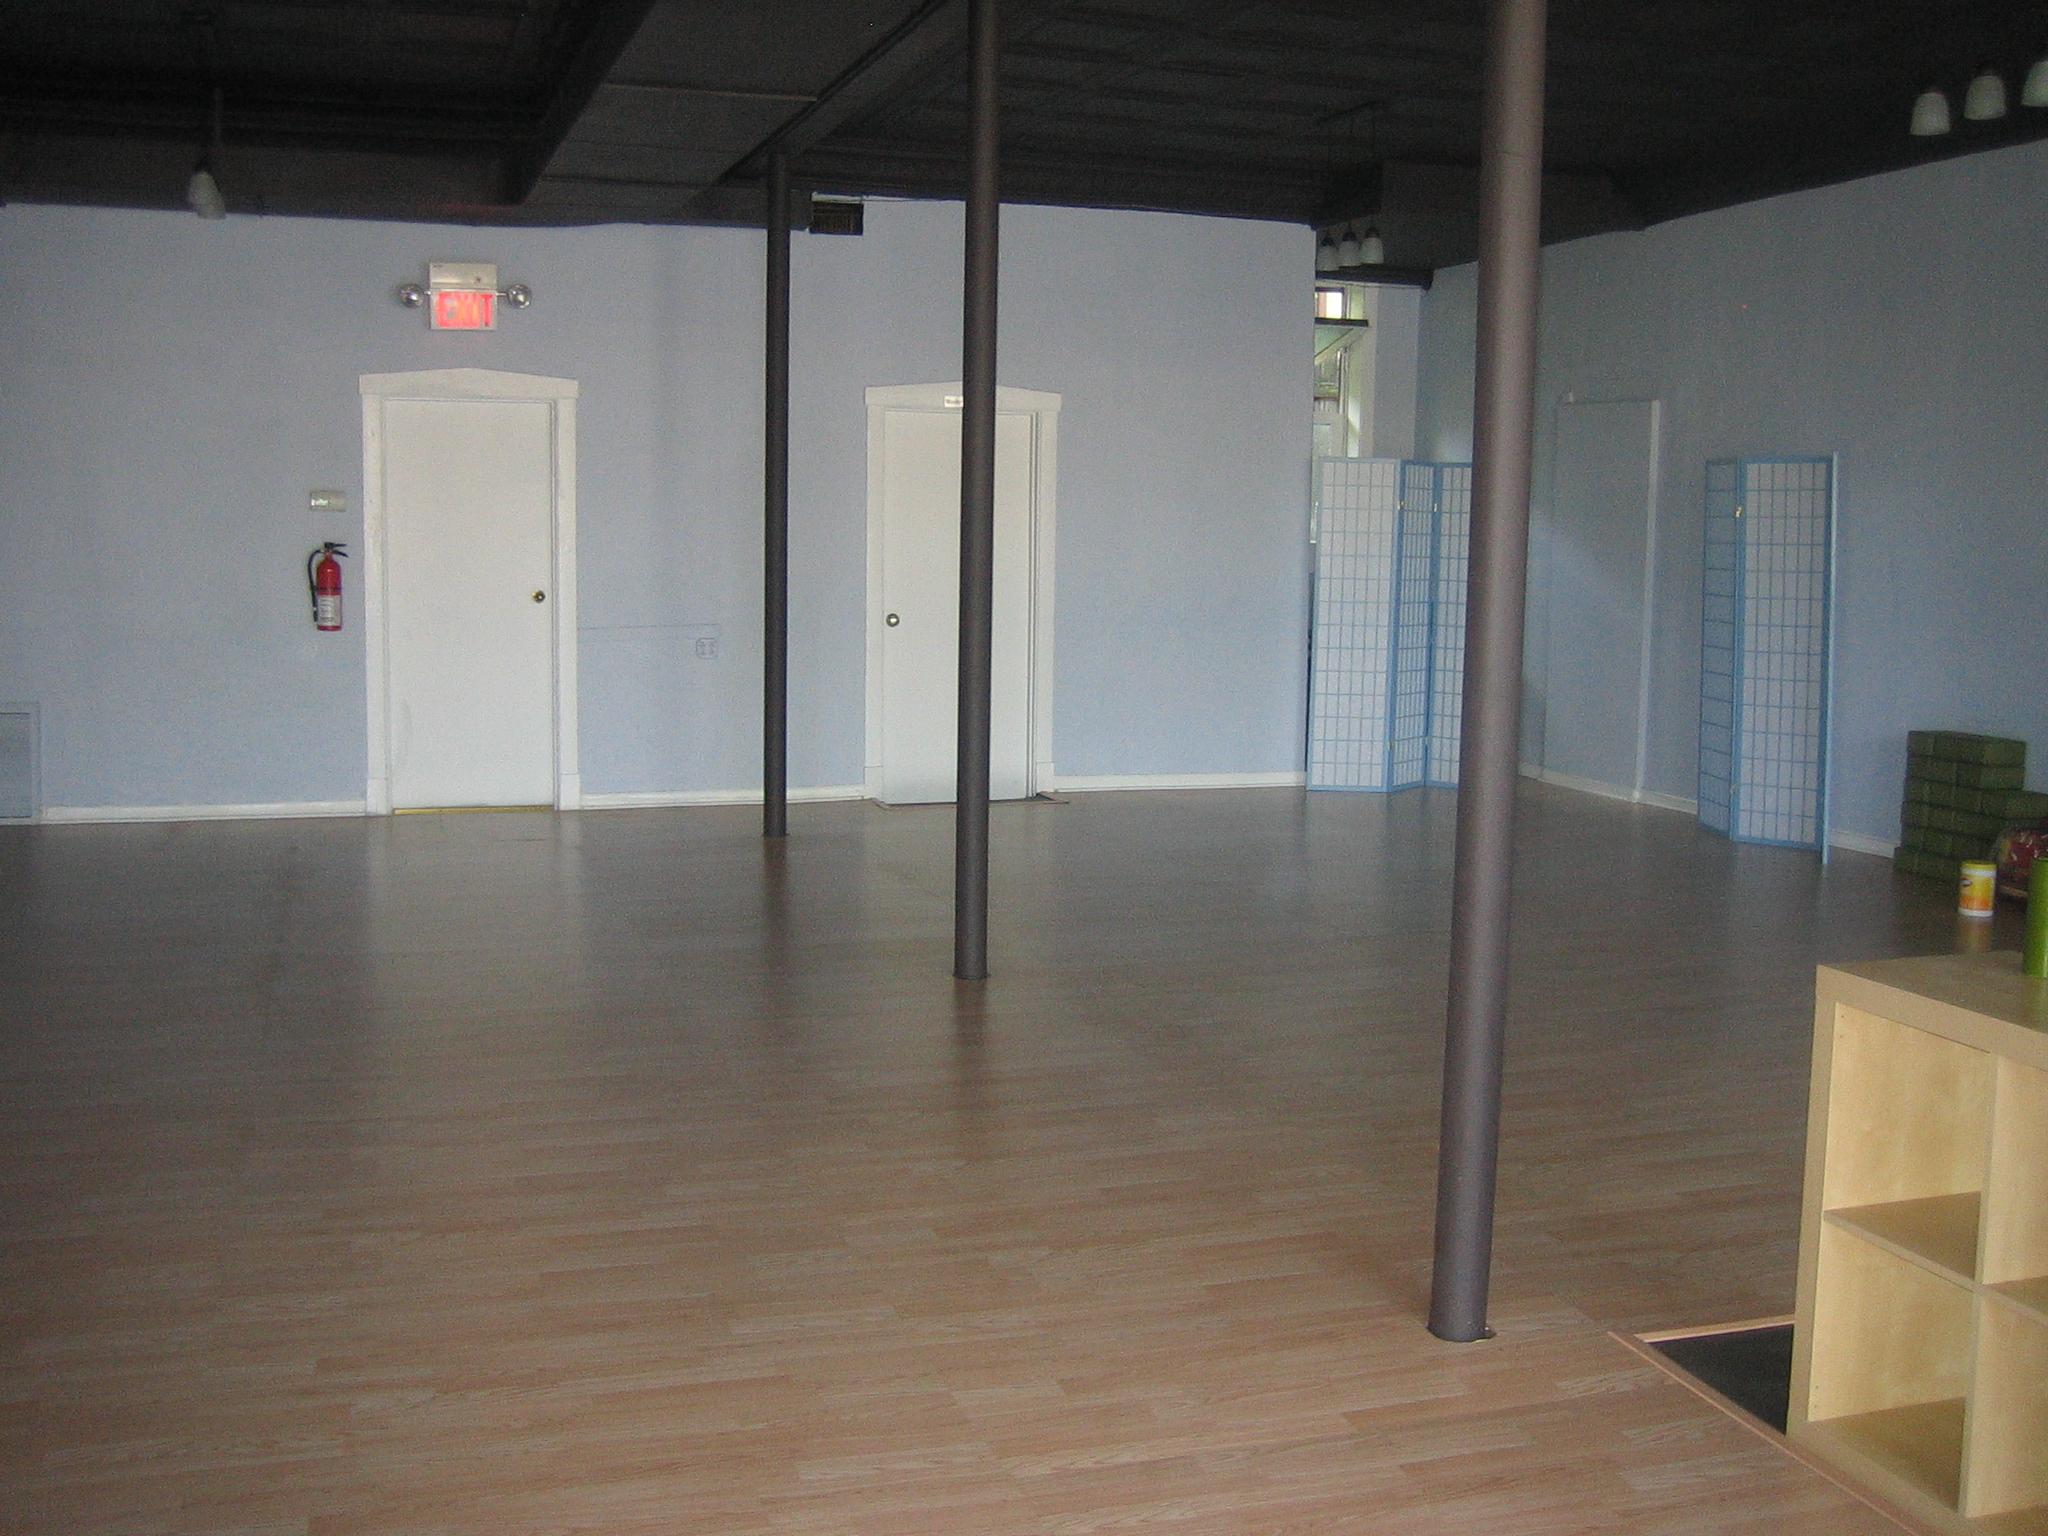 Ahimsa Yoga Oak Park 002.JPG